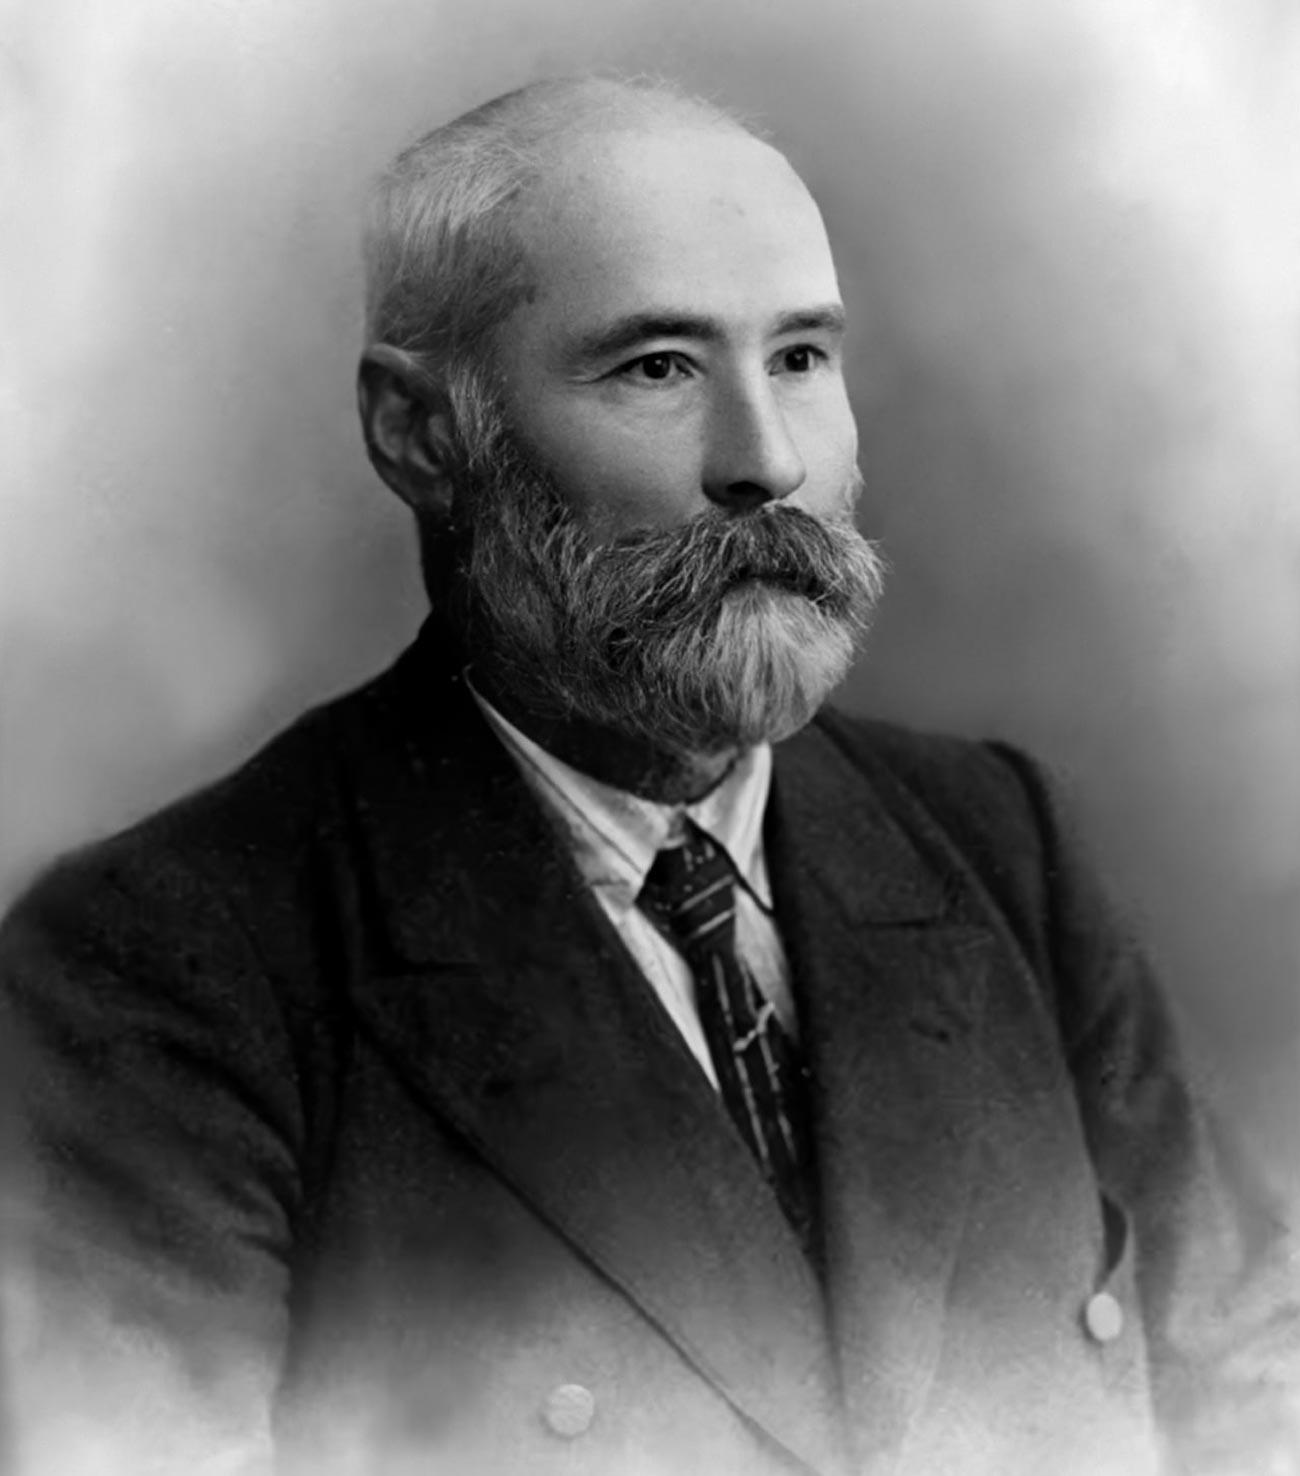 Mihail Ivanovič Jankovski